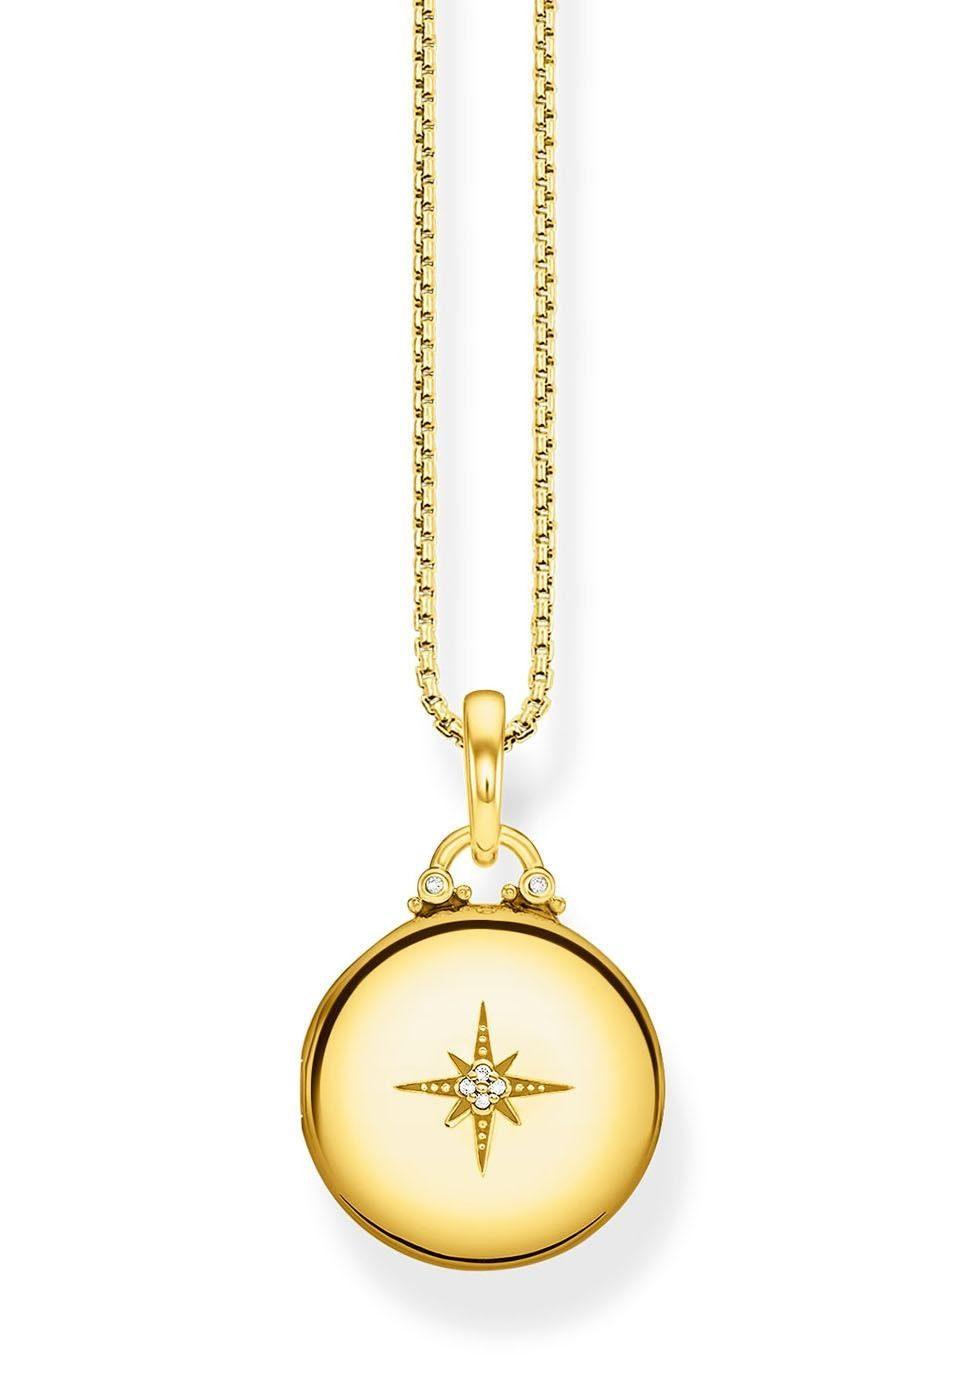 THOMAS SABO Kette mit Anhänger »D_KE0036-924-14-L45v, Medaillon gold rund« mit Diamanten